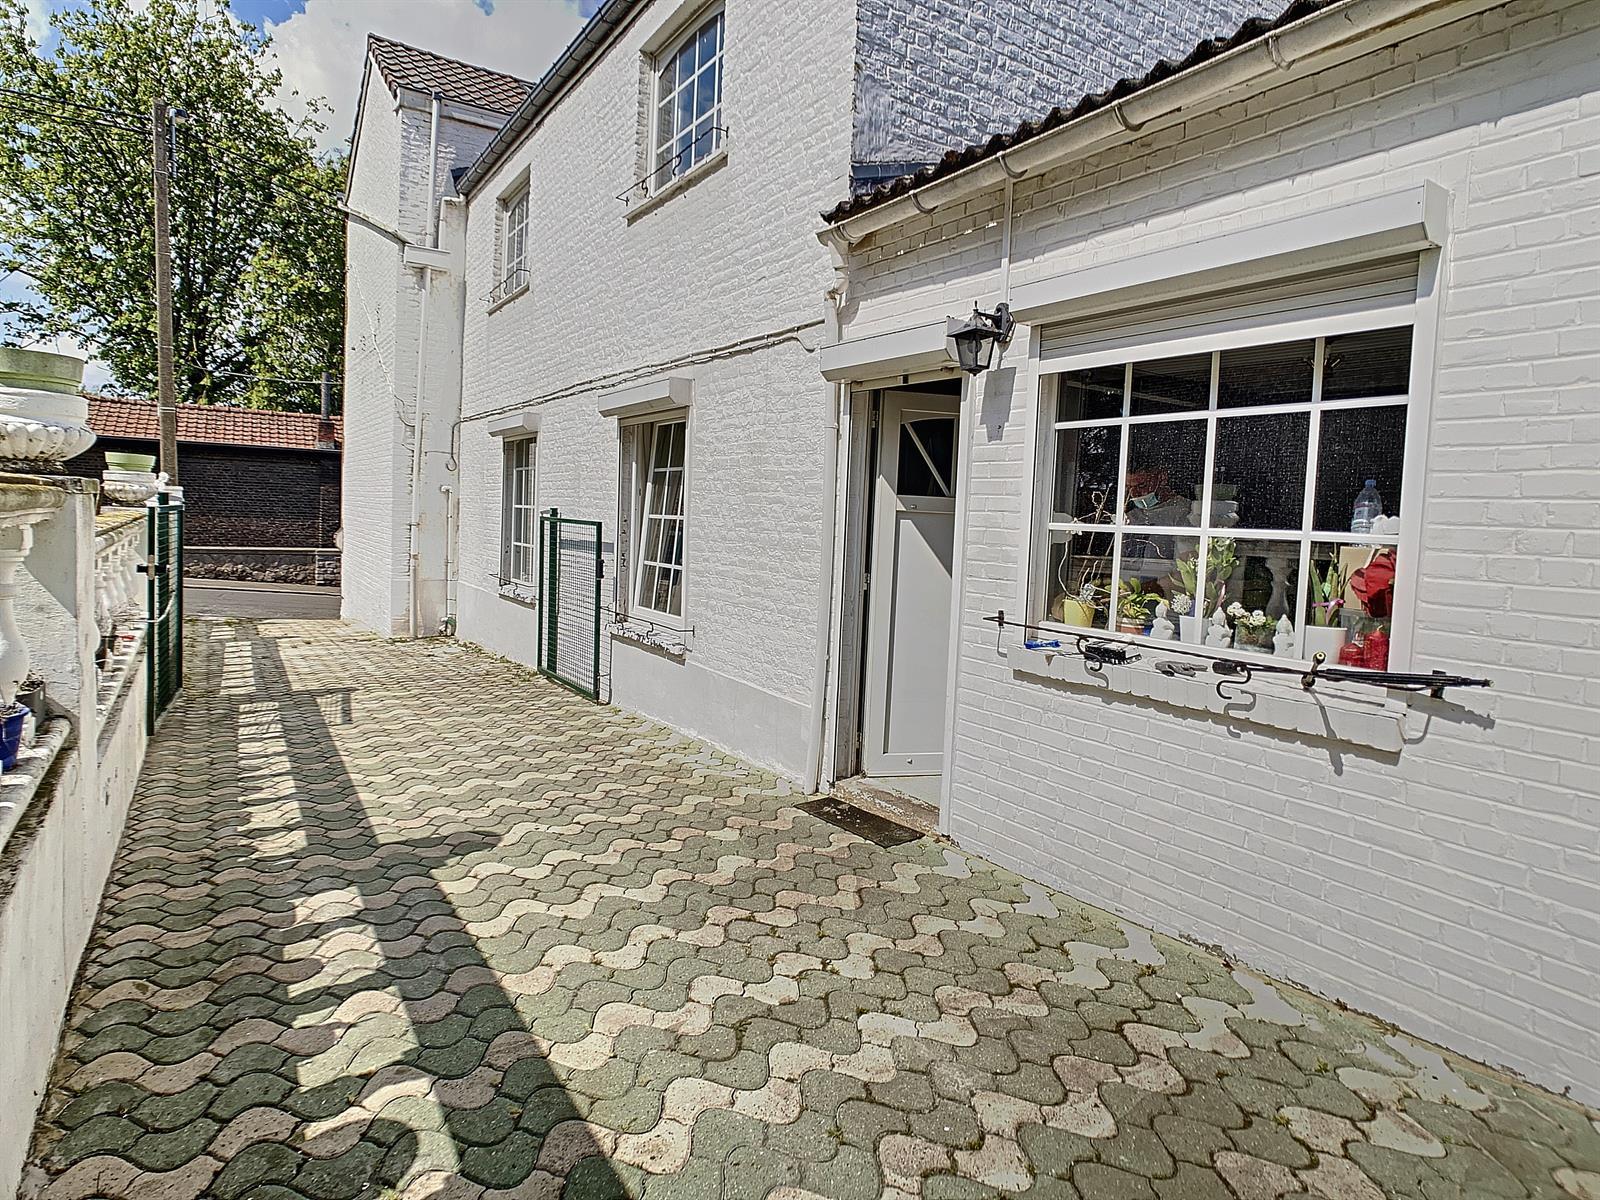 Maison - Charleroi-Marchienne-au-Pont - #4357992-0